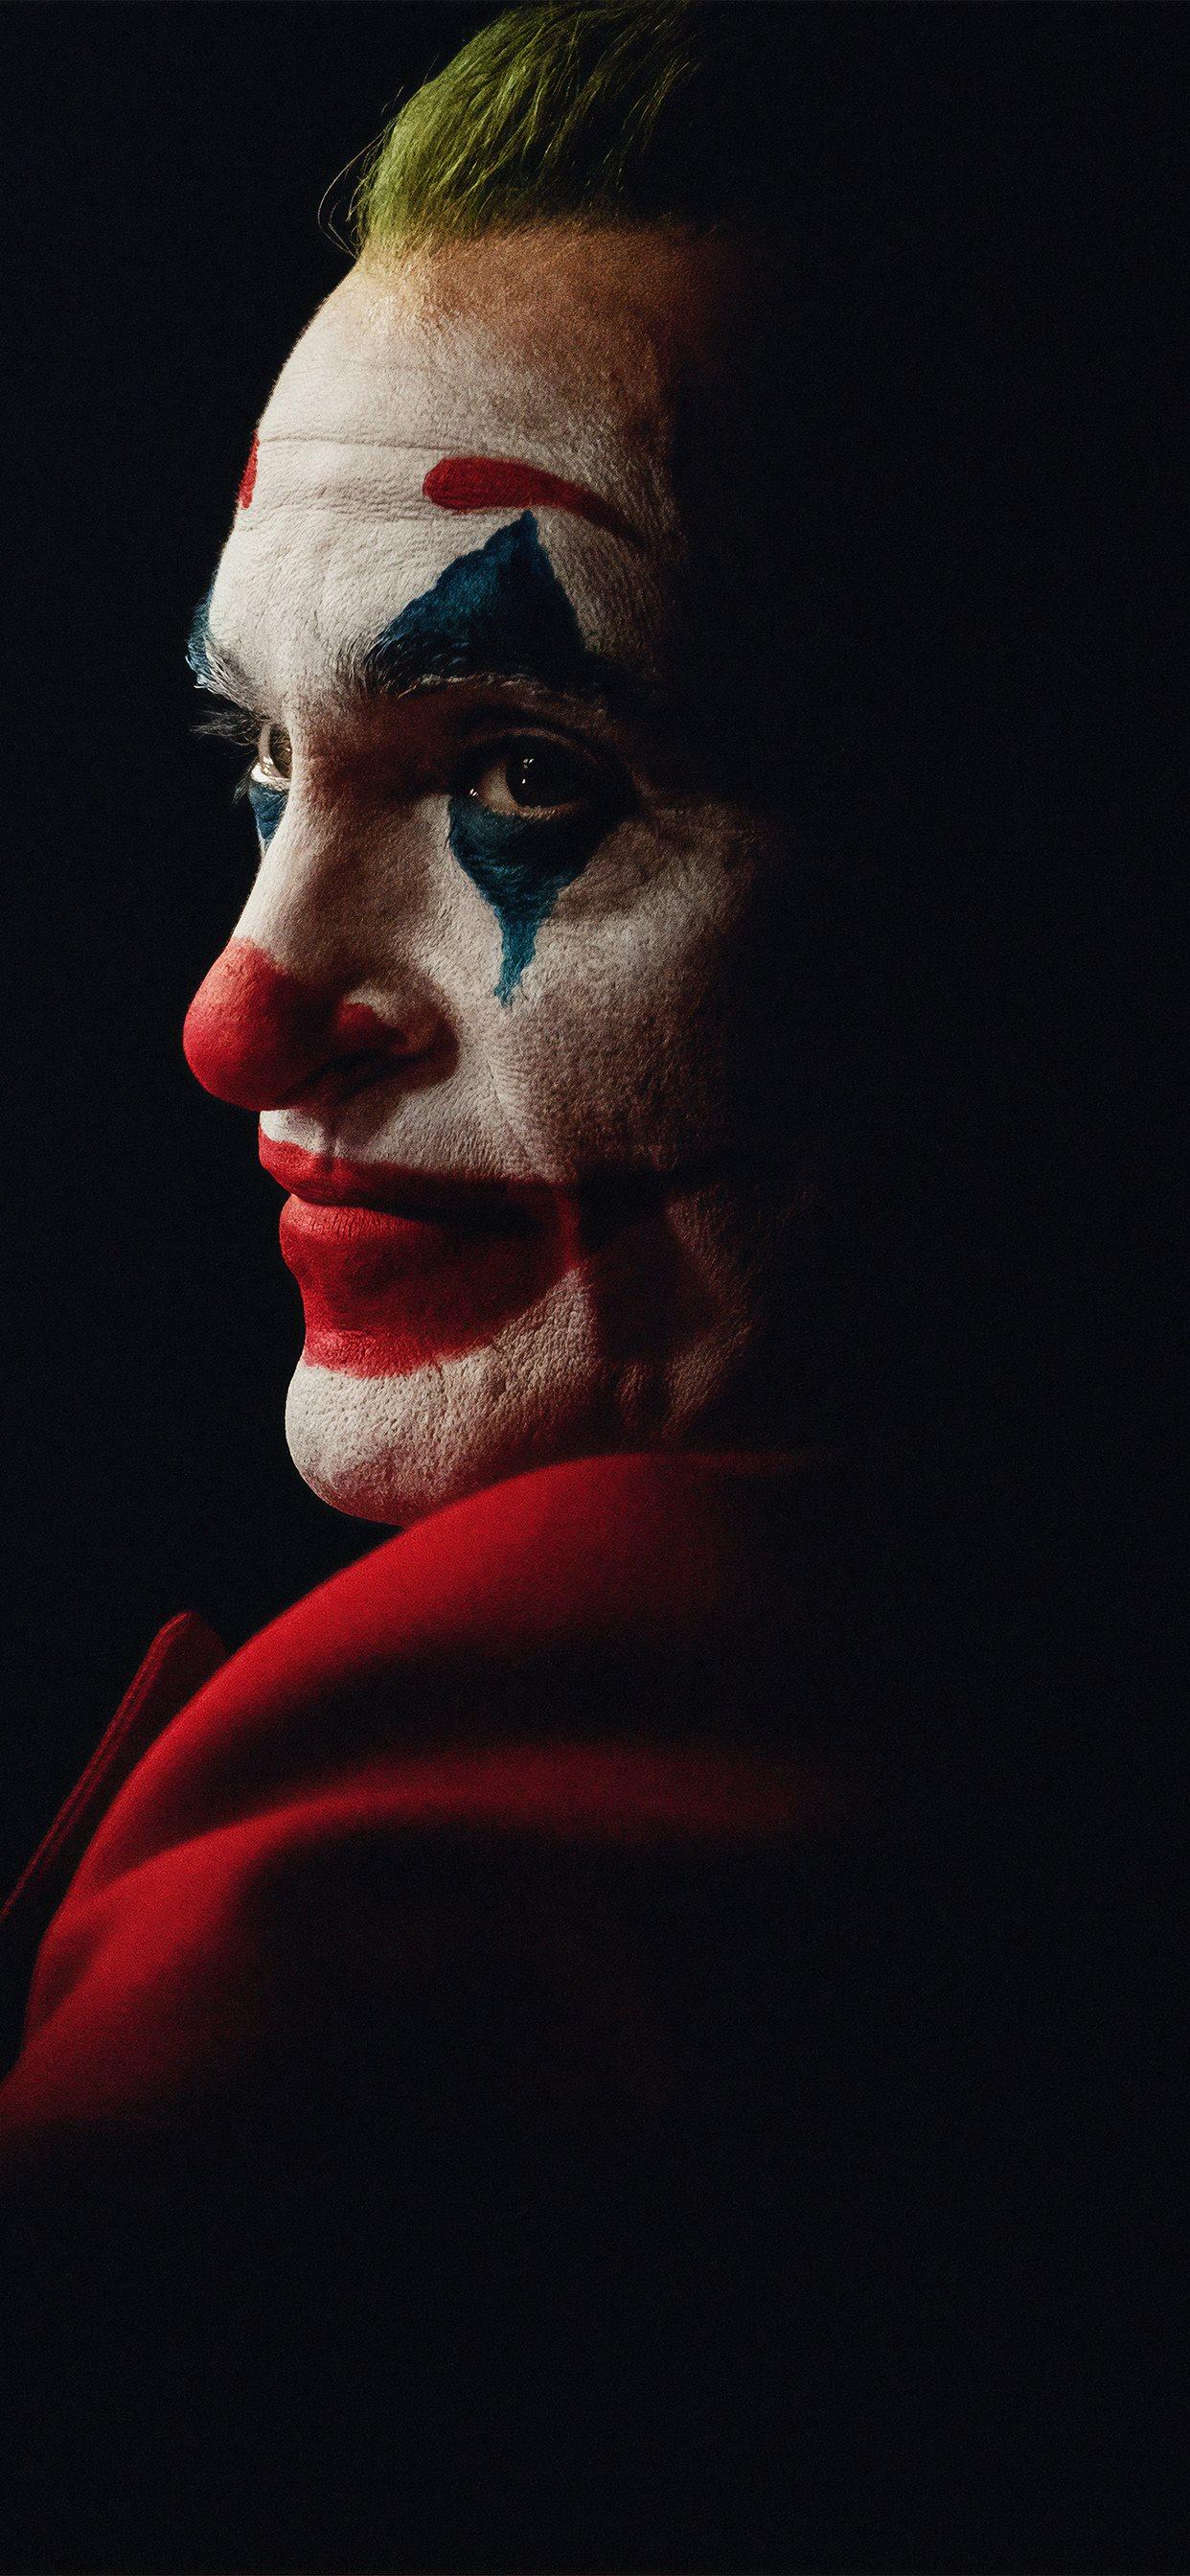 The Joker Joaquin Phoenix Dark 4k Iphone Wallpapers Free